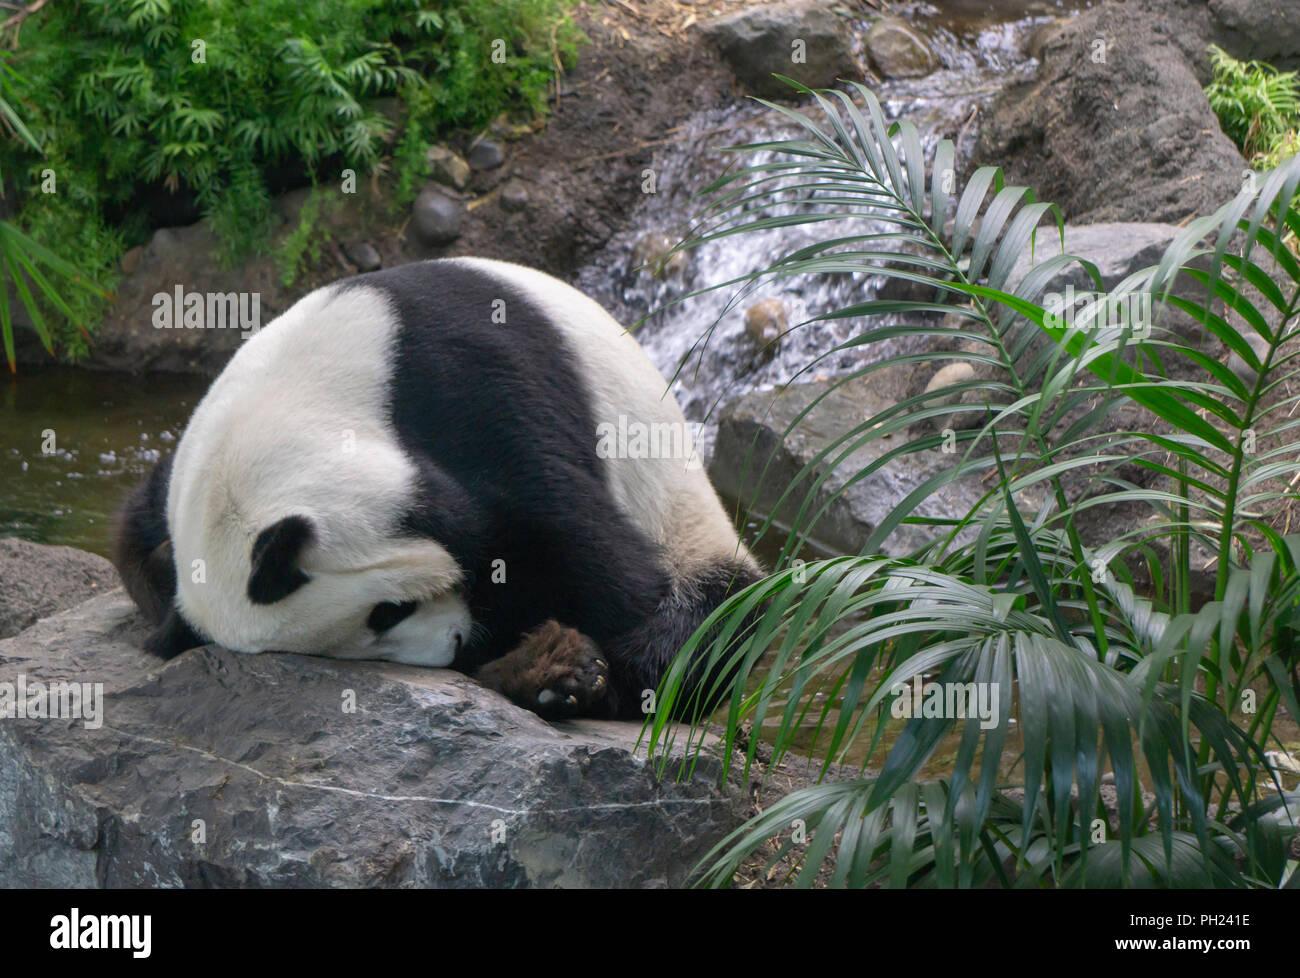 Panda gigante allo Zoo di Calgary Alberta Canada Immagini Stock